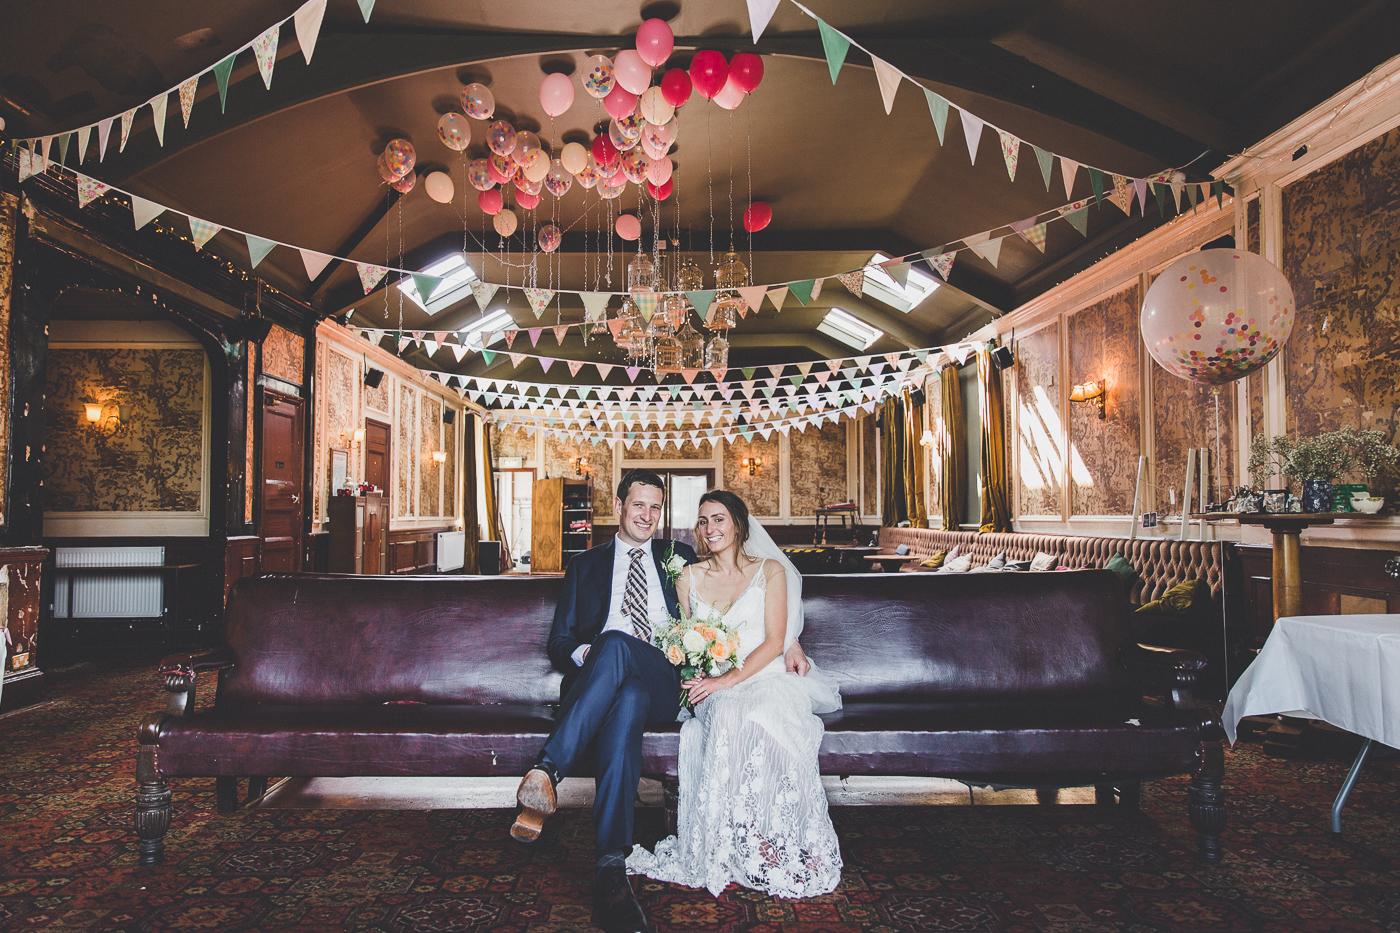 london-wedding-photographer-79.jpg